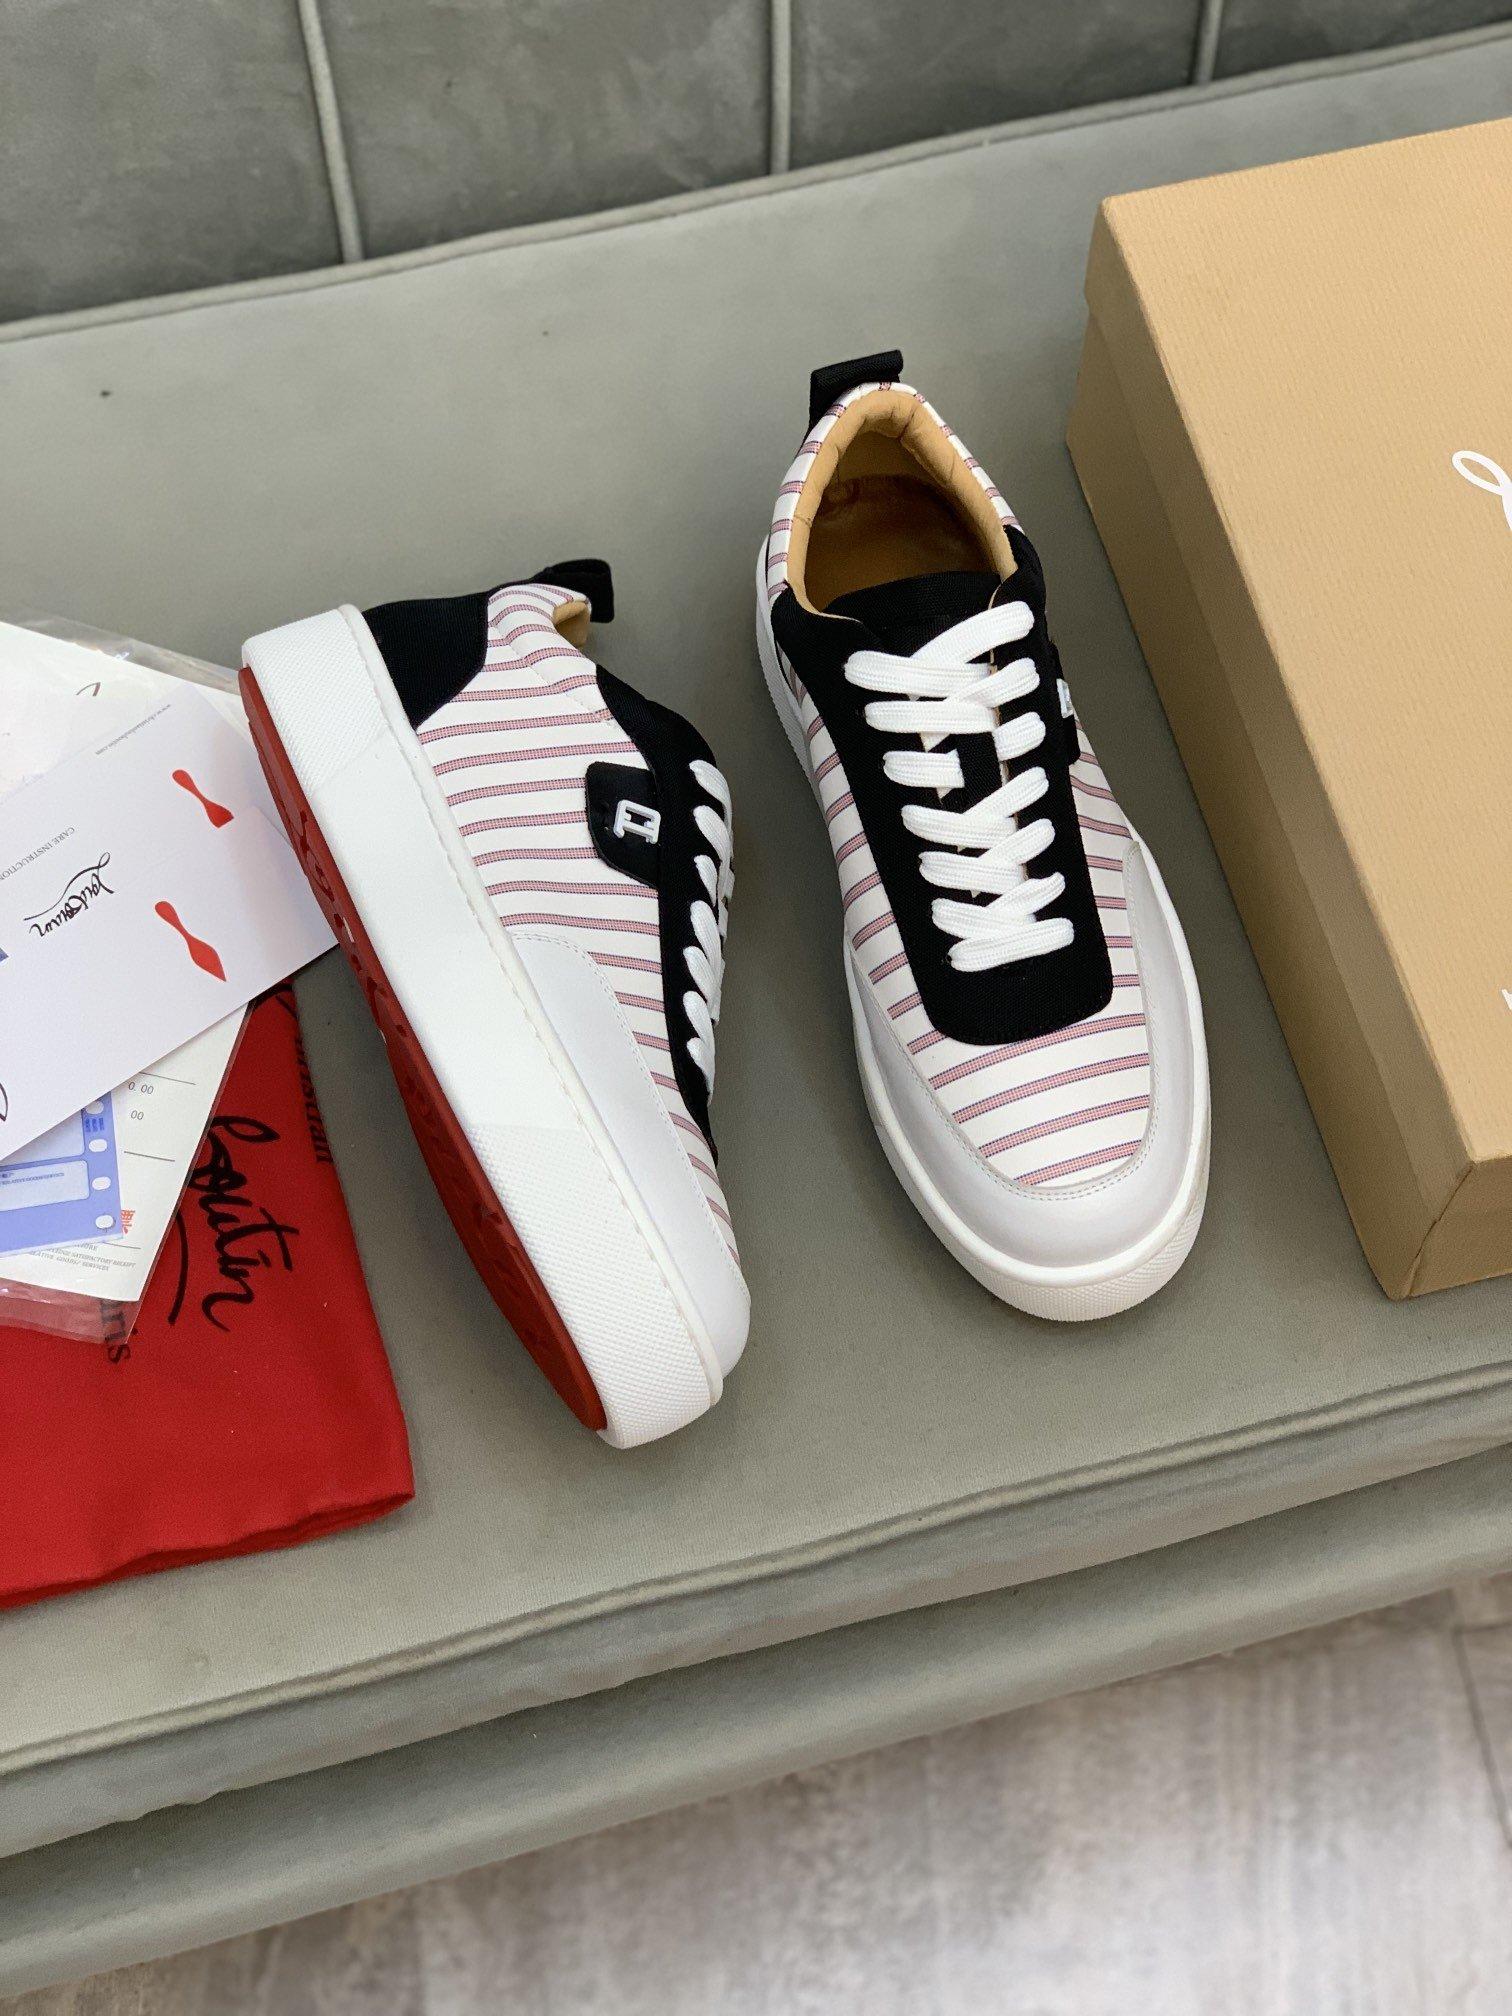 高端品质CLCL红底低帮休闲鞋正码码